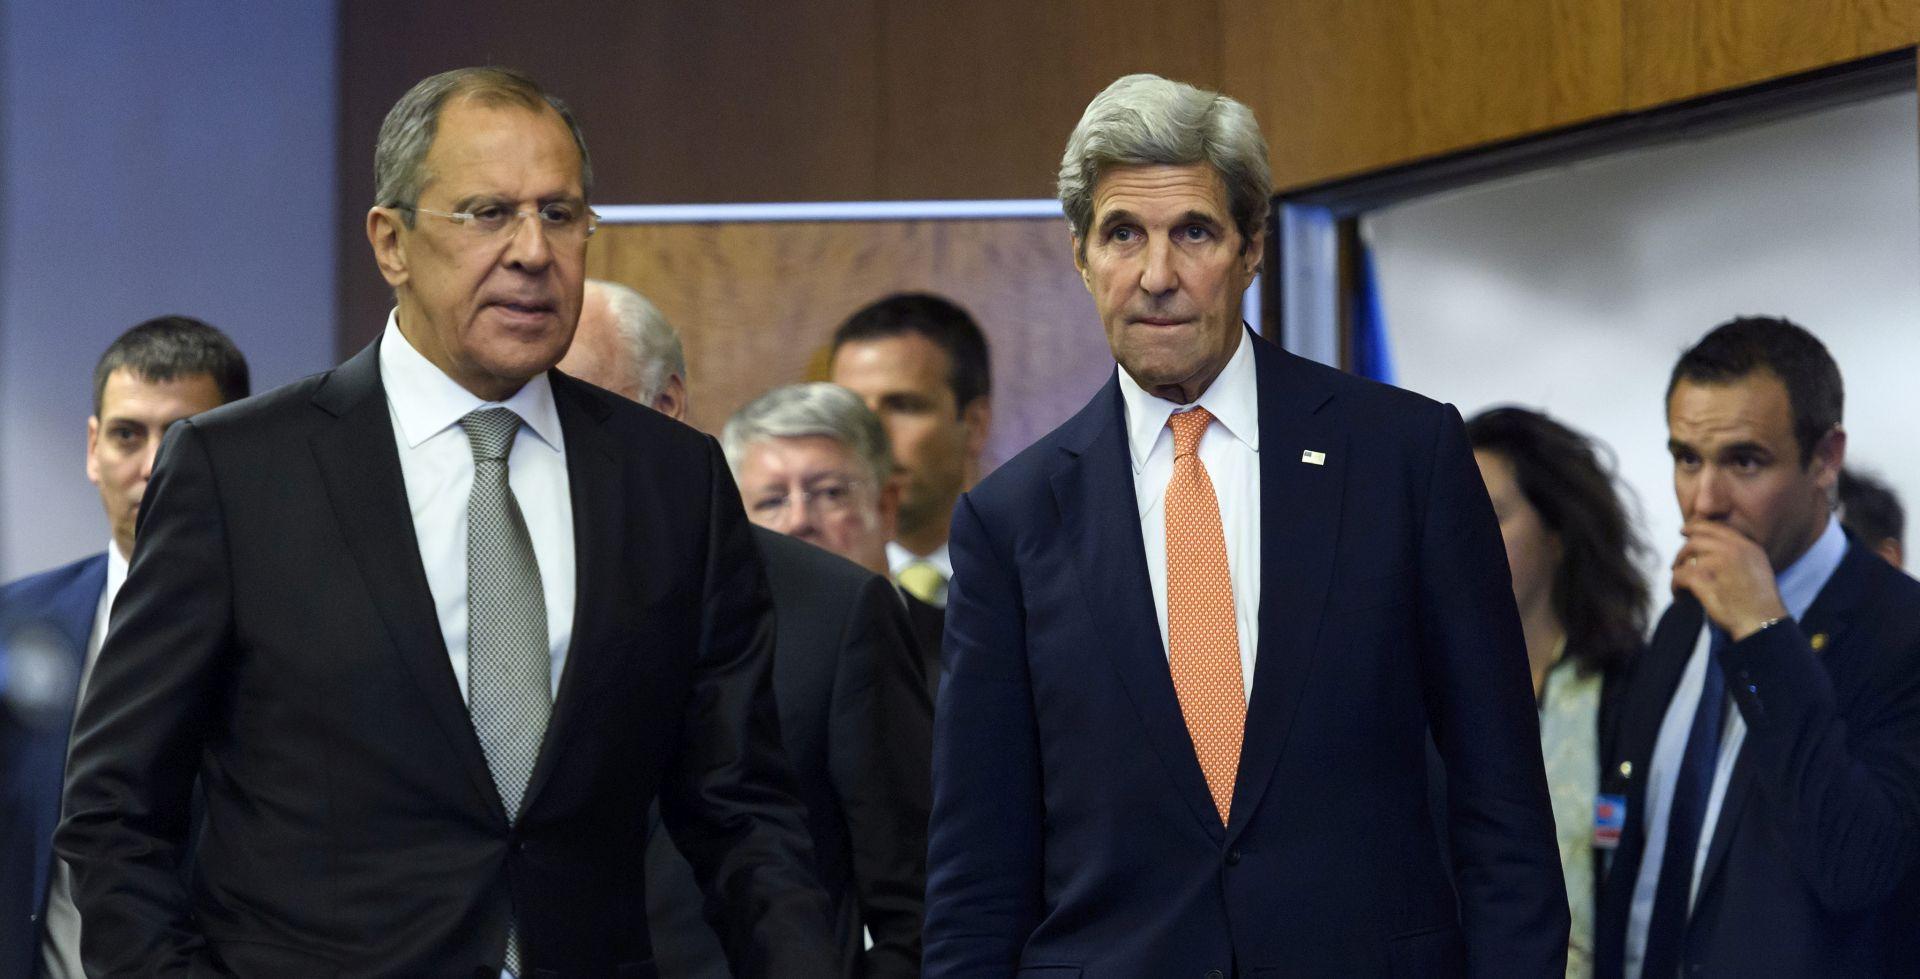 Ovo su glavne točke rusko-američkog sporazuma o primirju u Siriji